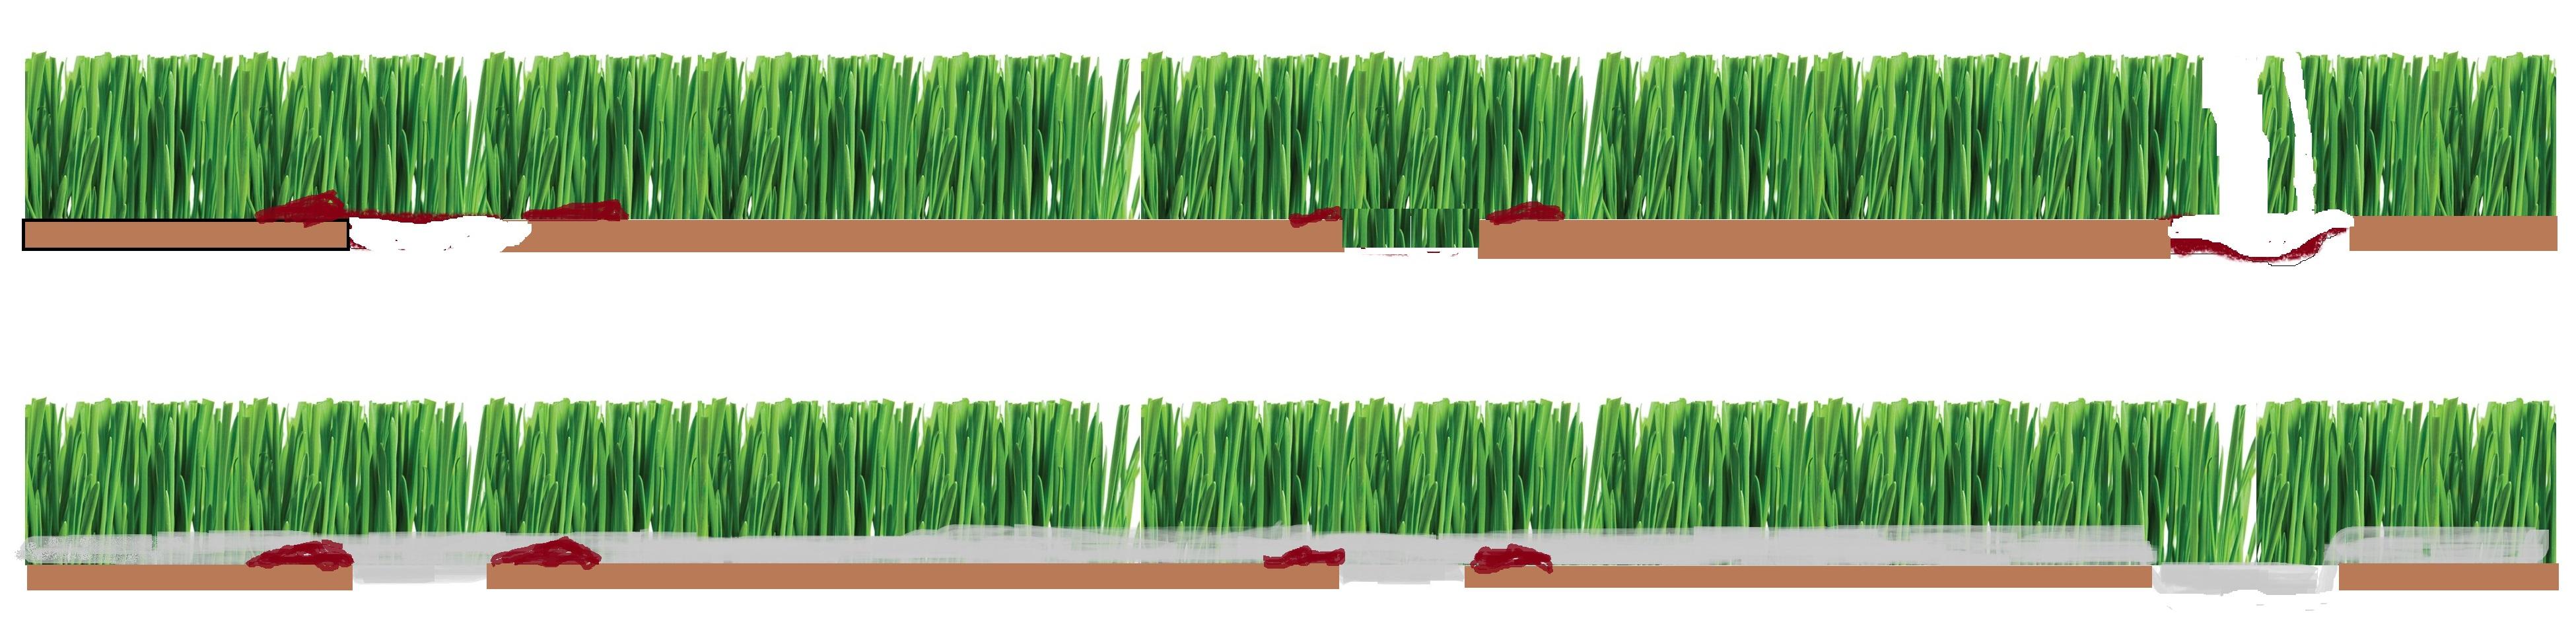 rumput sebelum selepas topdress